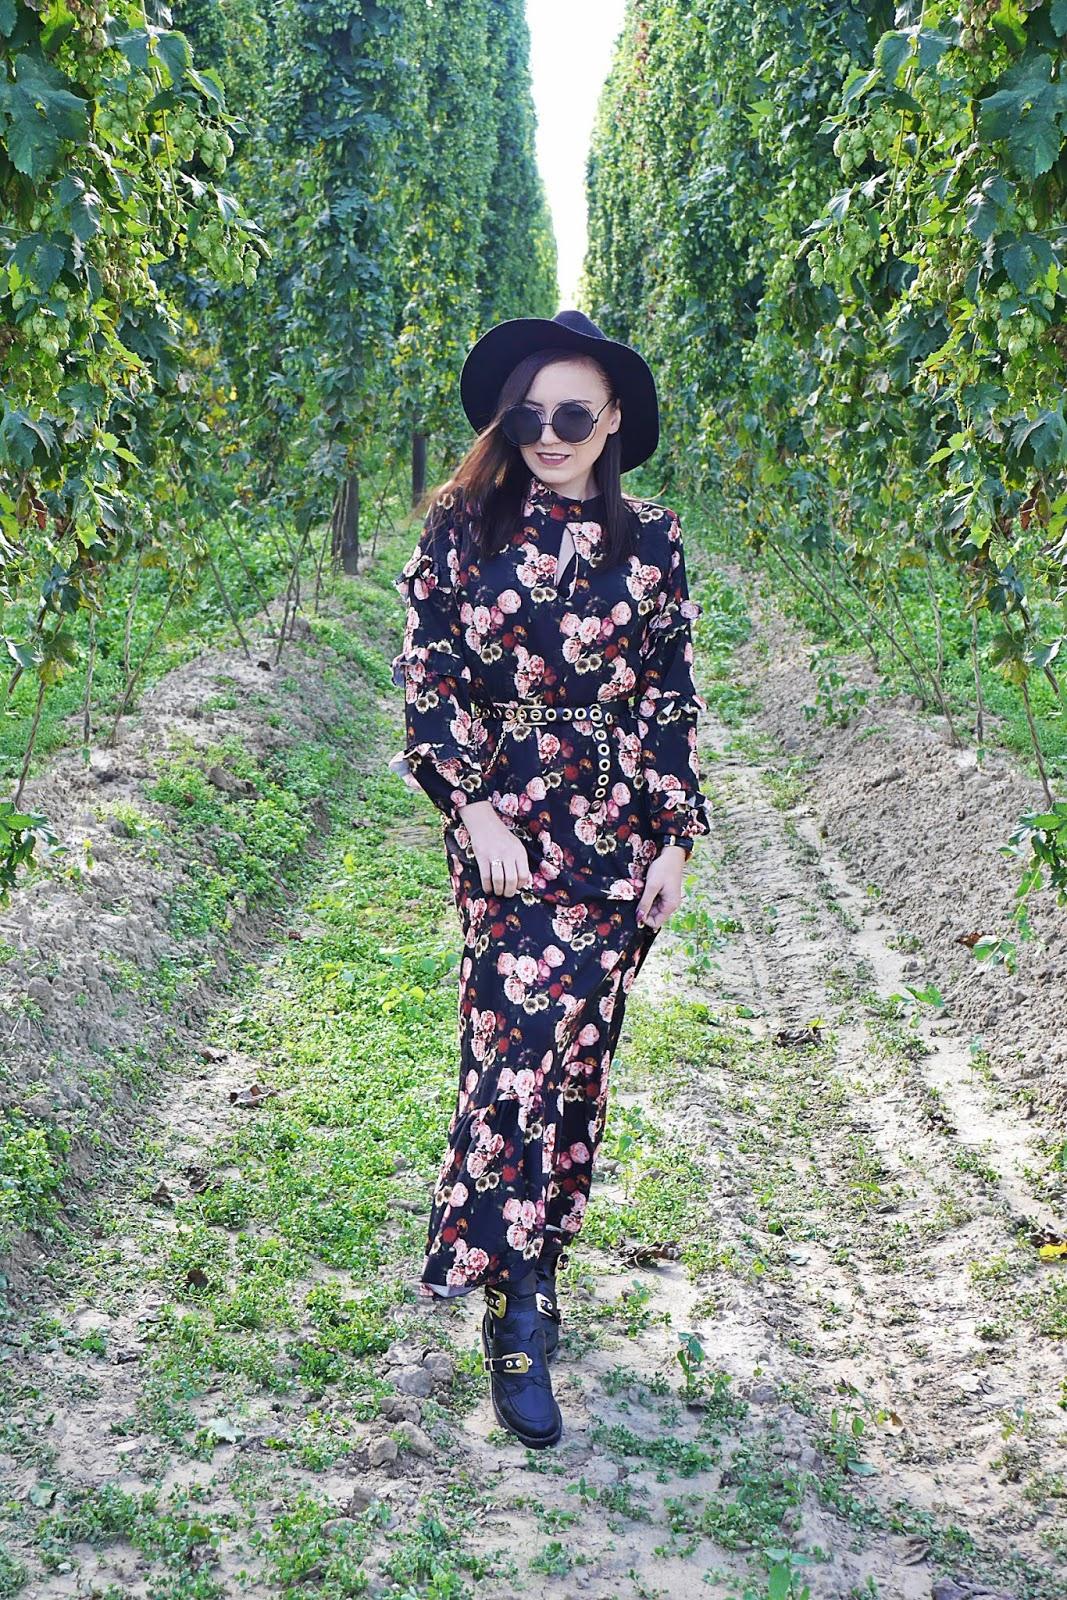 długa sukienka kwiaty renee czarny kapelusz wycięte botki pasek bonprix karyn blog modowy blogerka modowa karyn